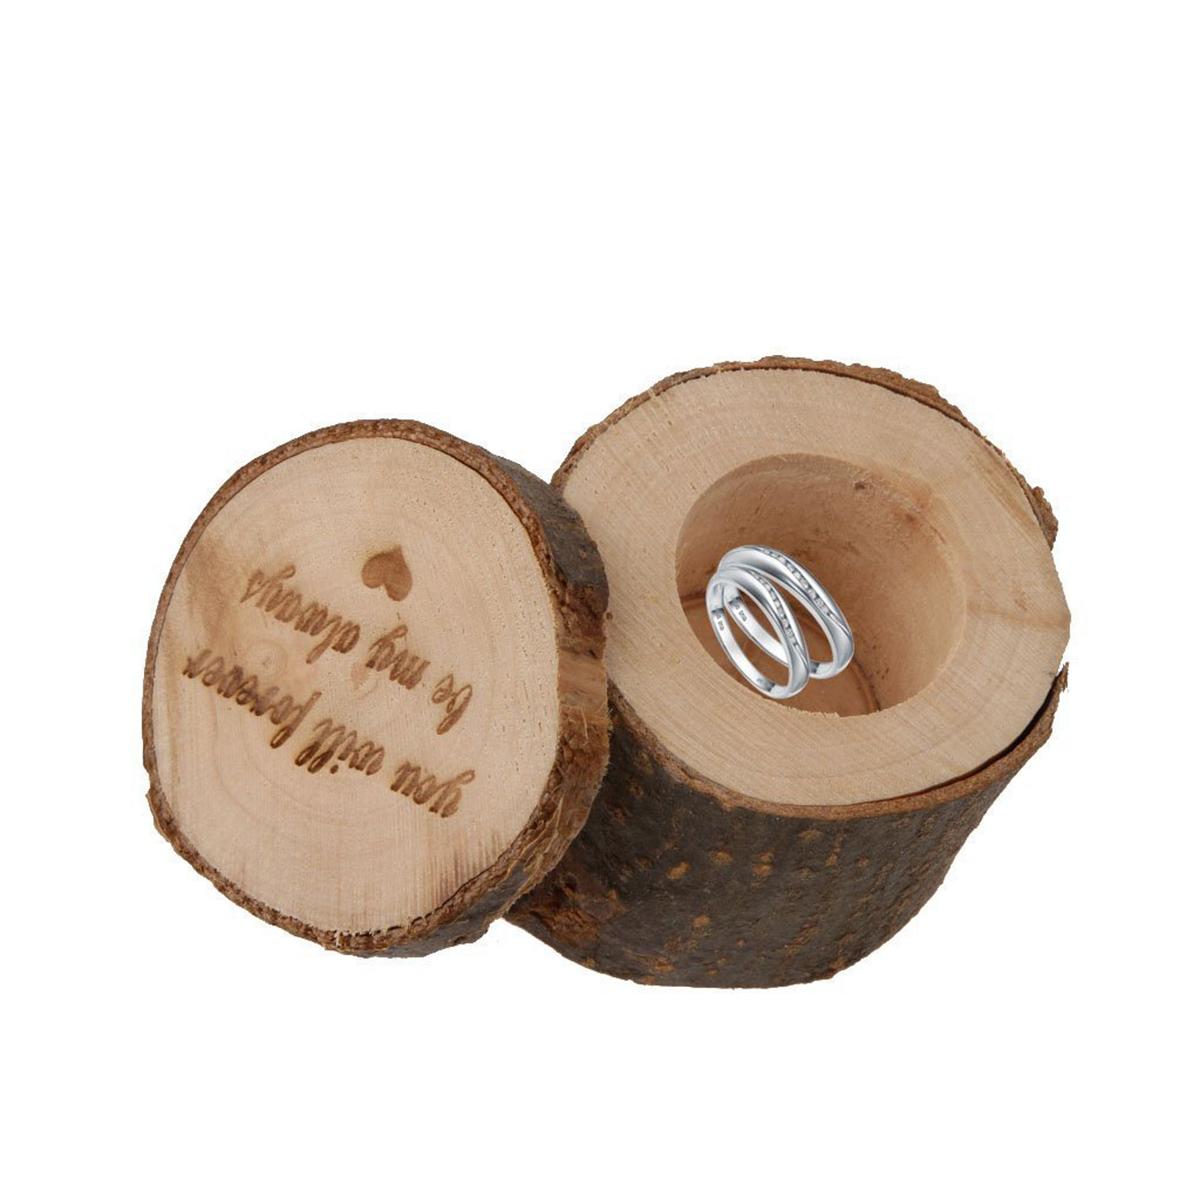 caixas de madeira rústica vender por atacado caixas de madeira  #6A472F 1200x1200